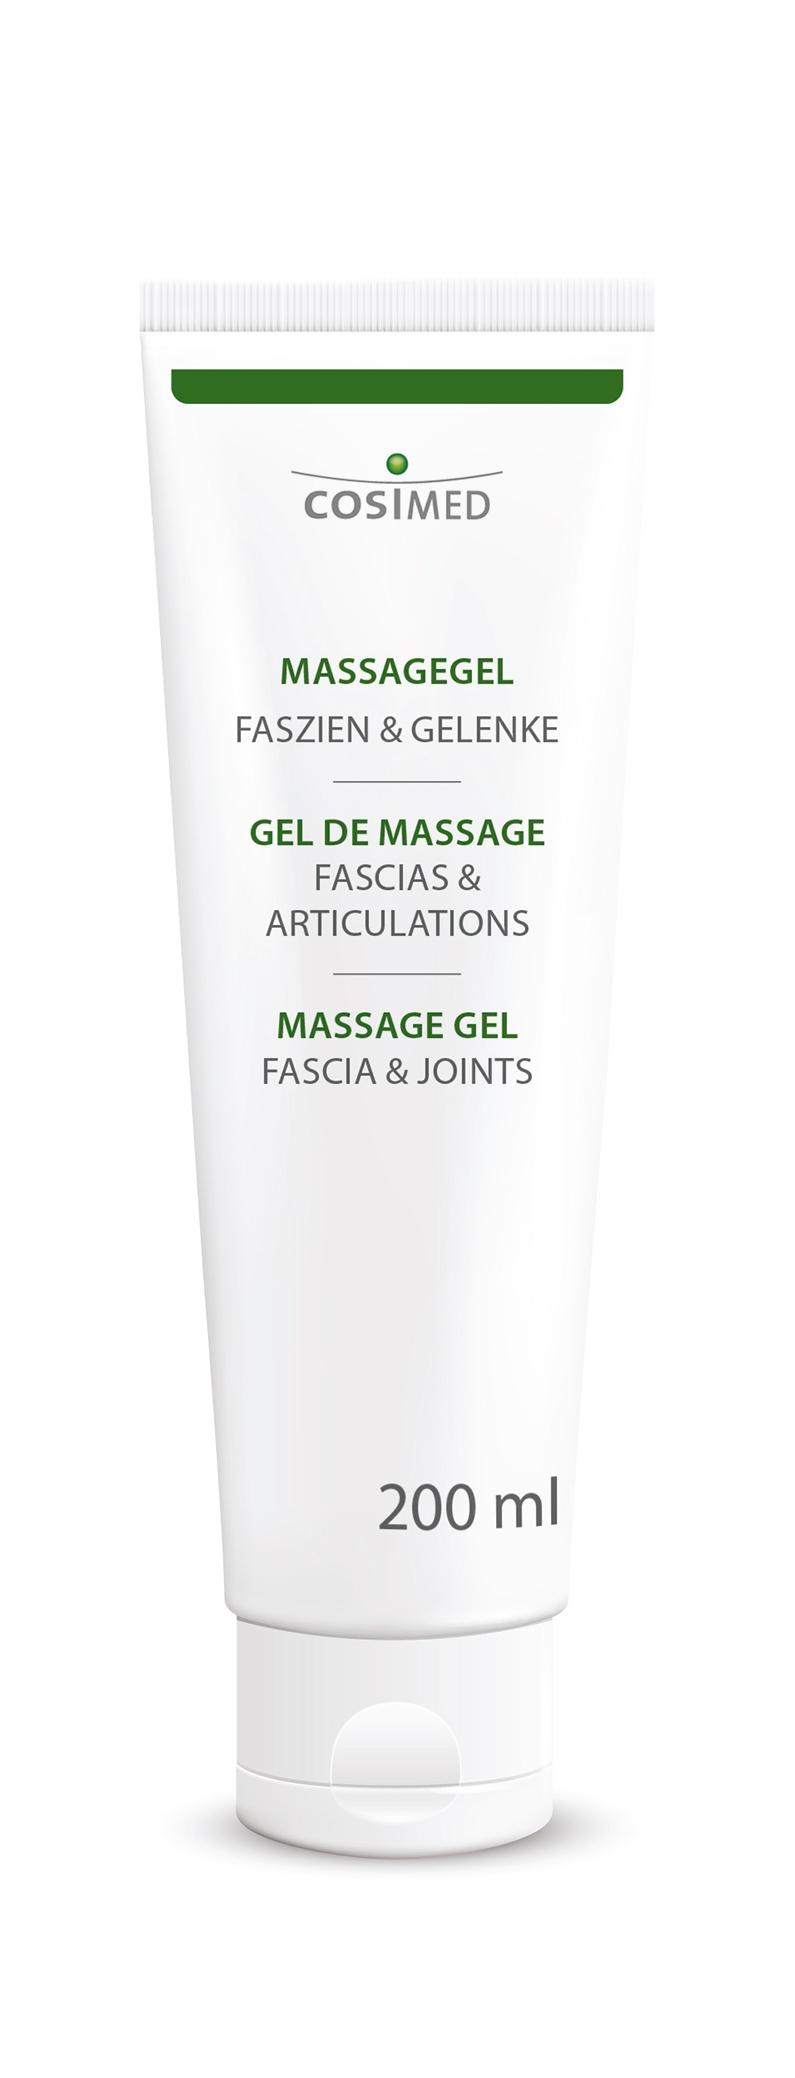 cosiMed Massagegel 200 ml Tube